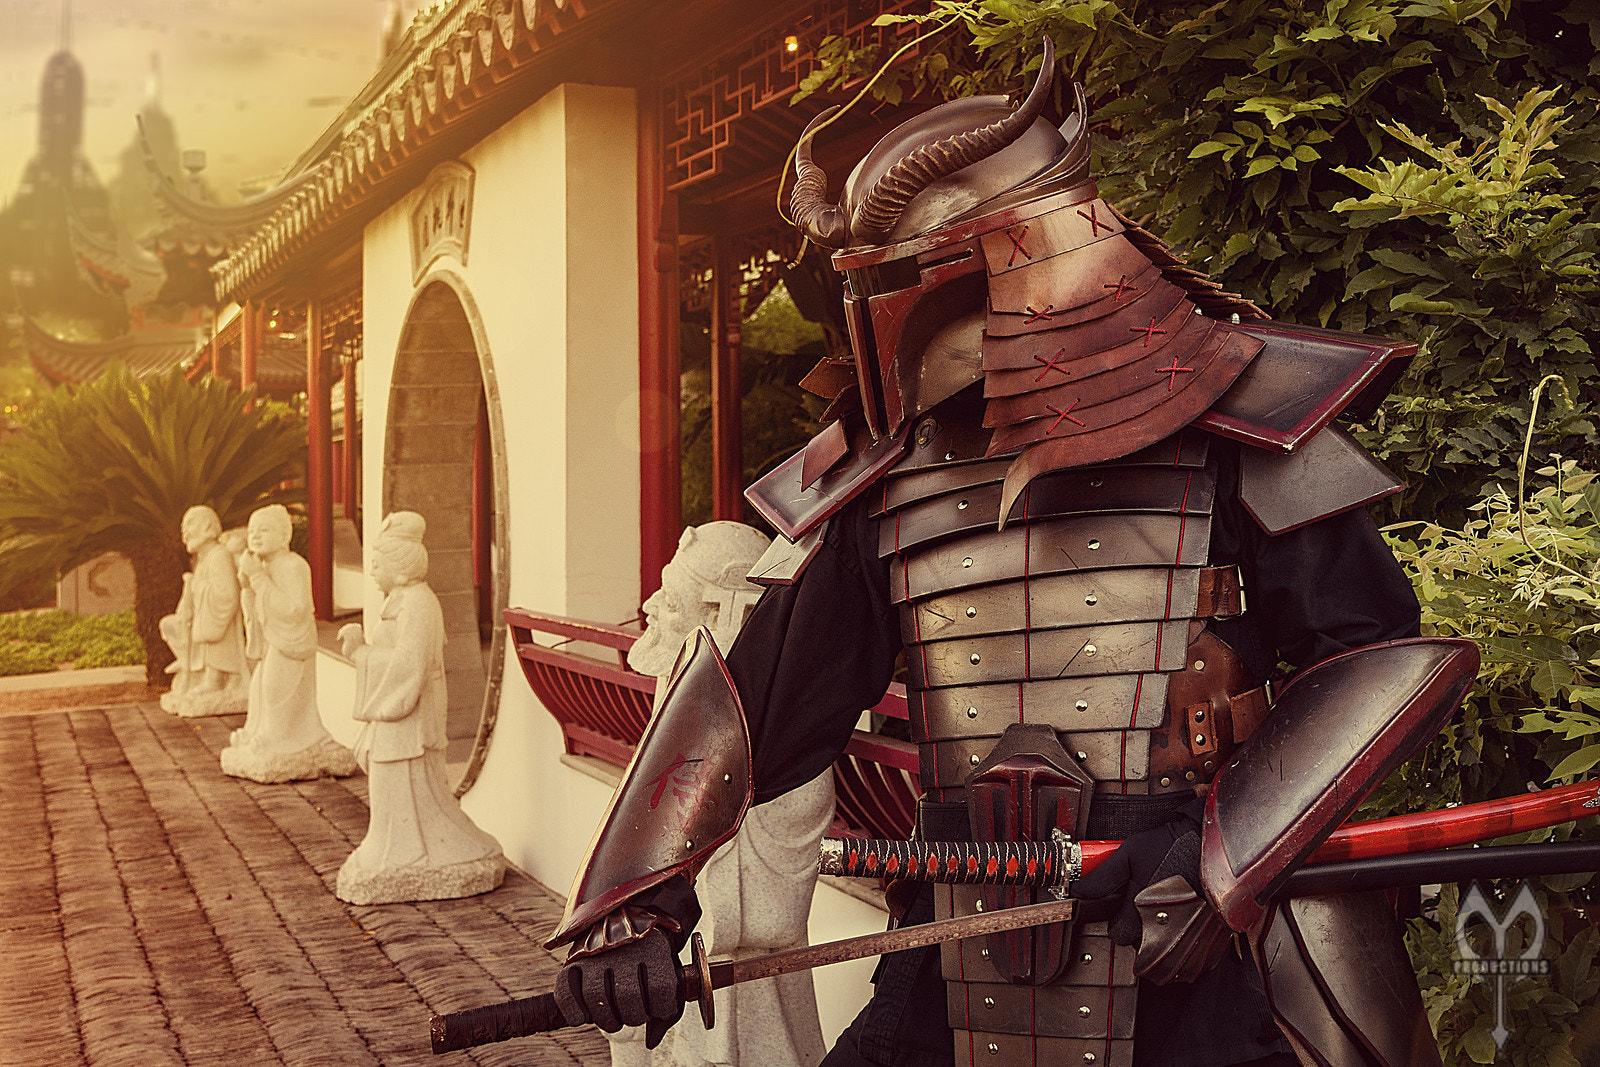 картинка доспех самурая на аву проводится